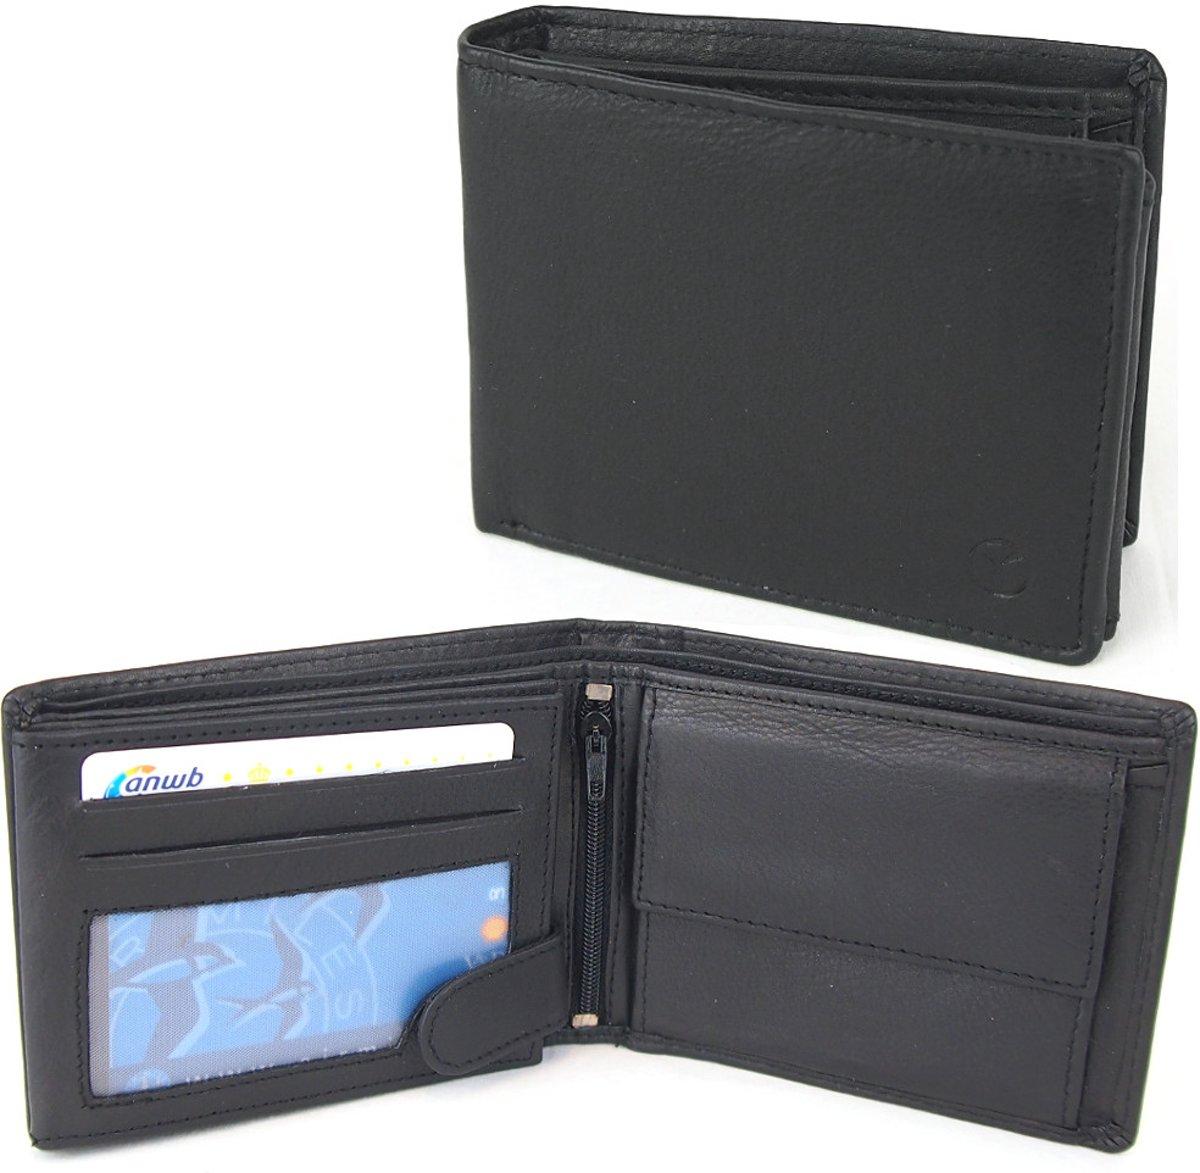 31054429472 Heren Portemonnee - Billfold Portemonnee- 10 pasjes - Leer - RFID - Zwart